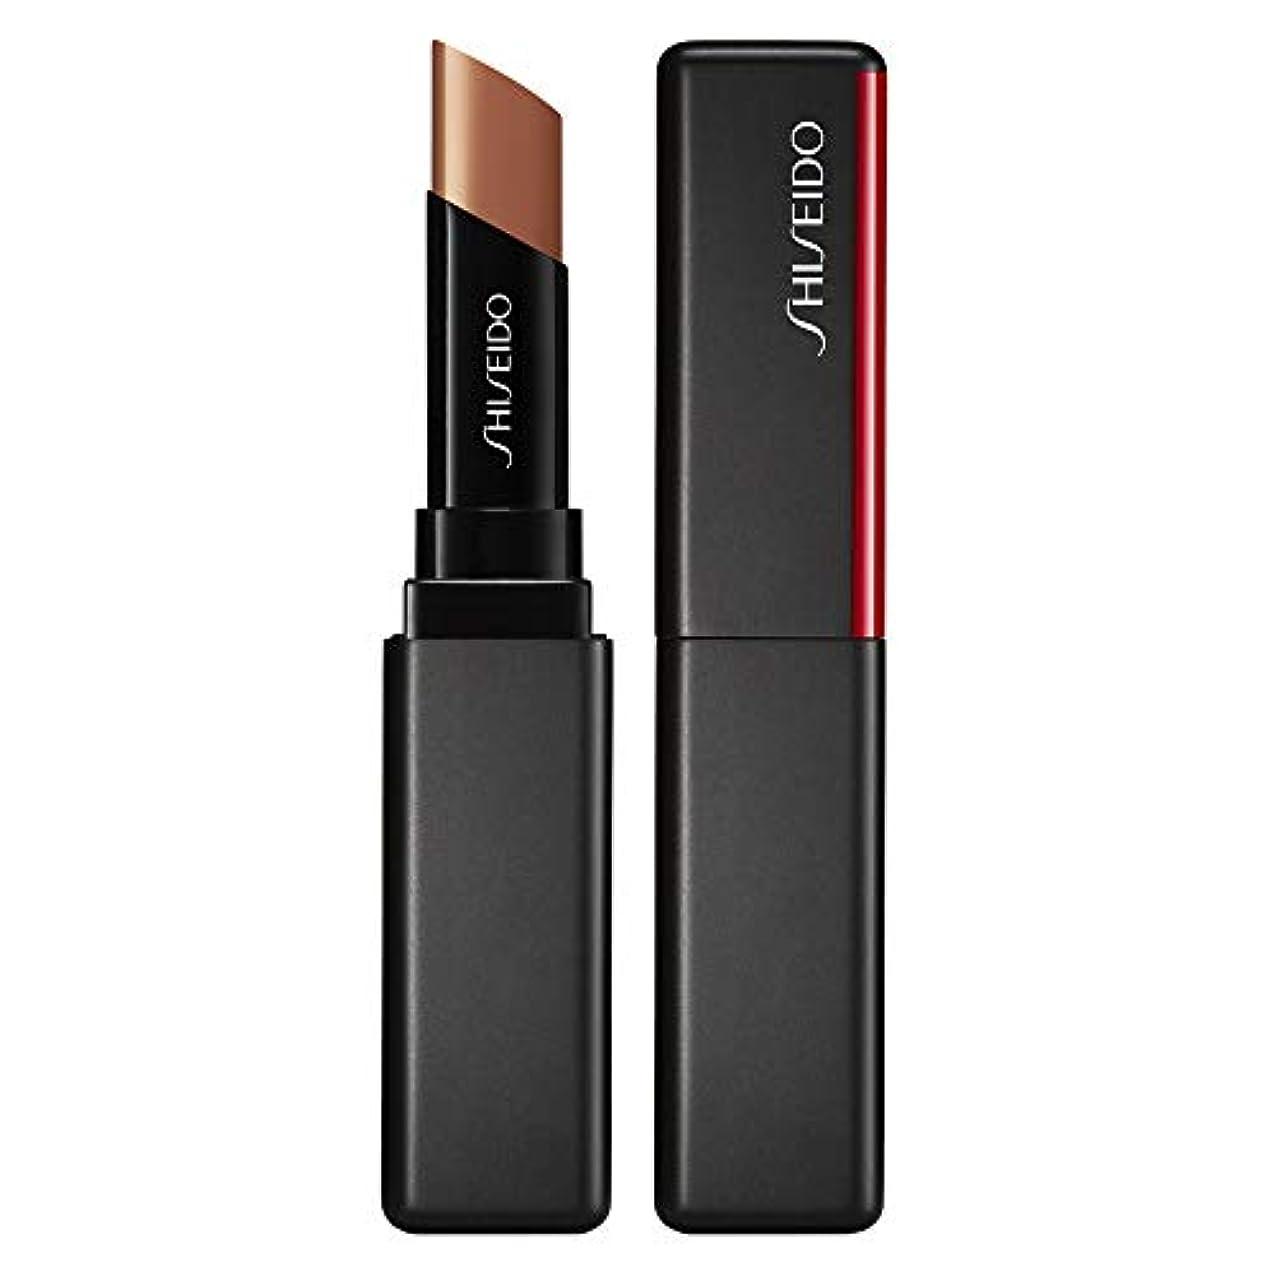 事前クライマックス頂点資生堂 VisionAiry Gel Lipstick - # 201 Cyber Beige (Cashew) 1.6g/0.05oz並行輸入品